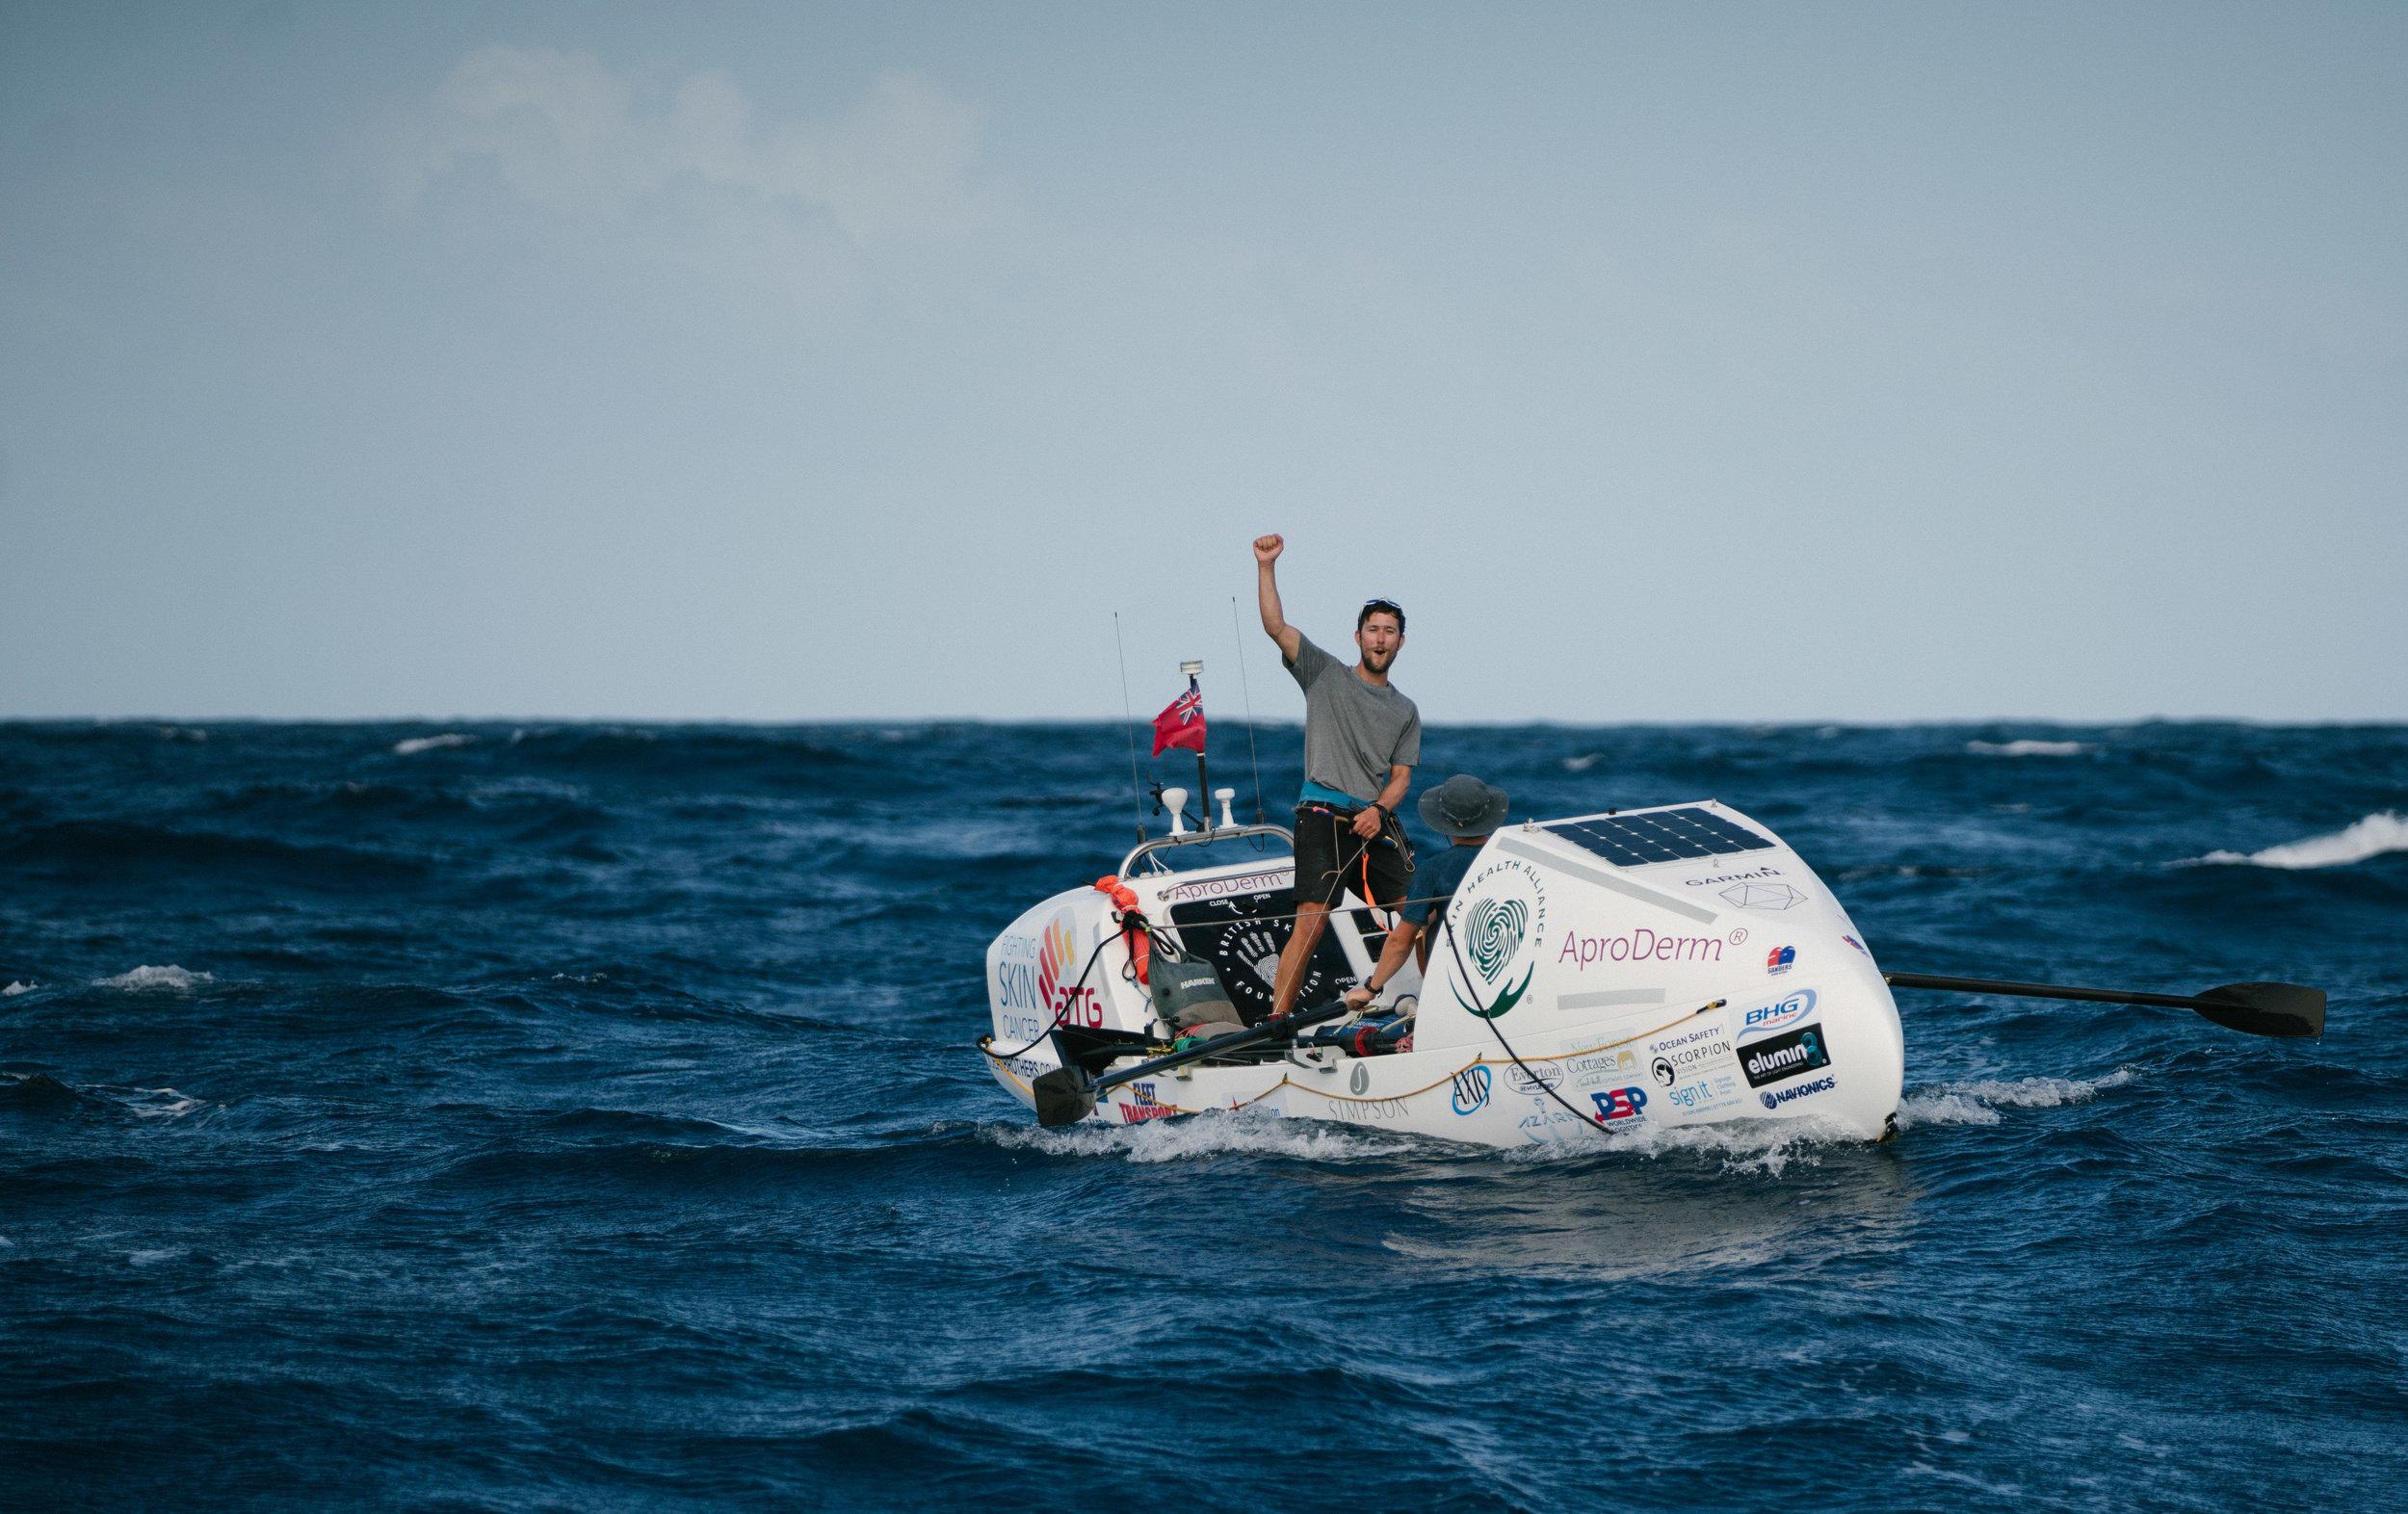 gran-canaria-film-photography-barbados-rowing-ocean-brothers-5